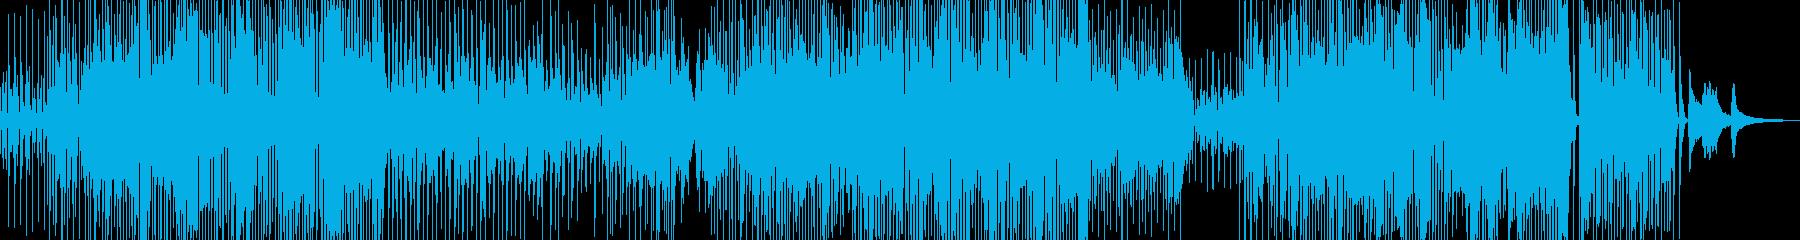 三味線・軽快ユーモラスなジャズ+サックスの再生済みの波形